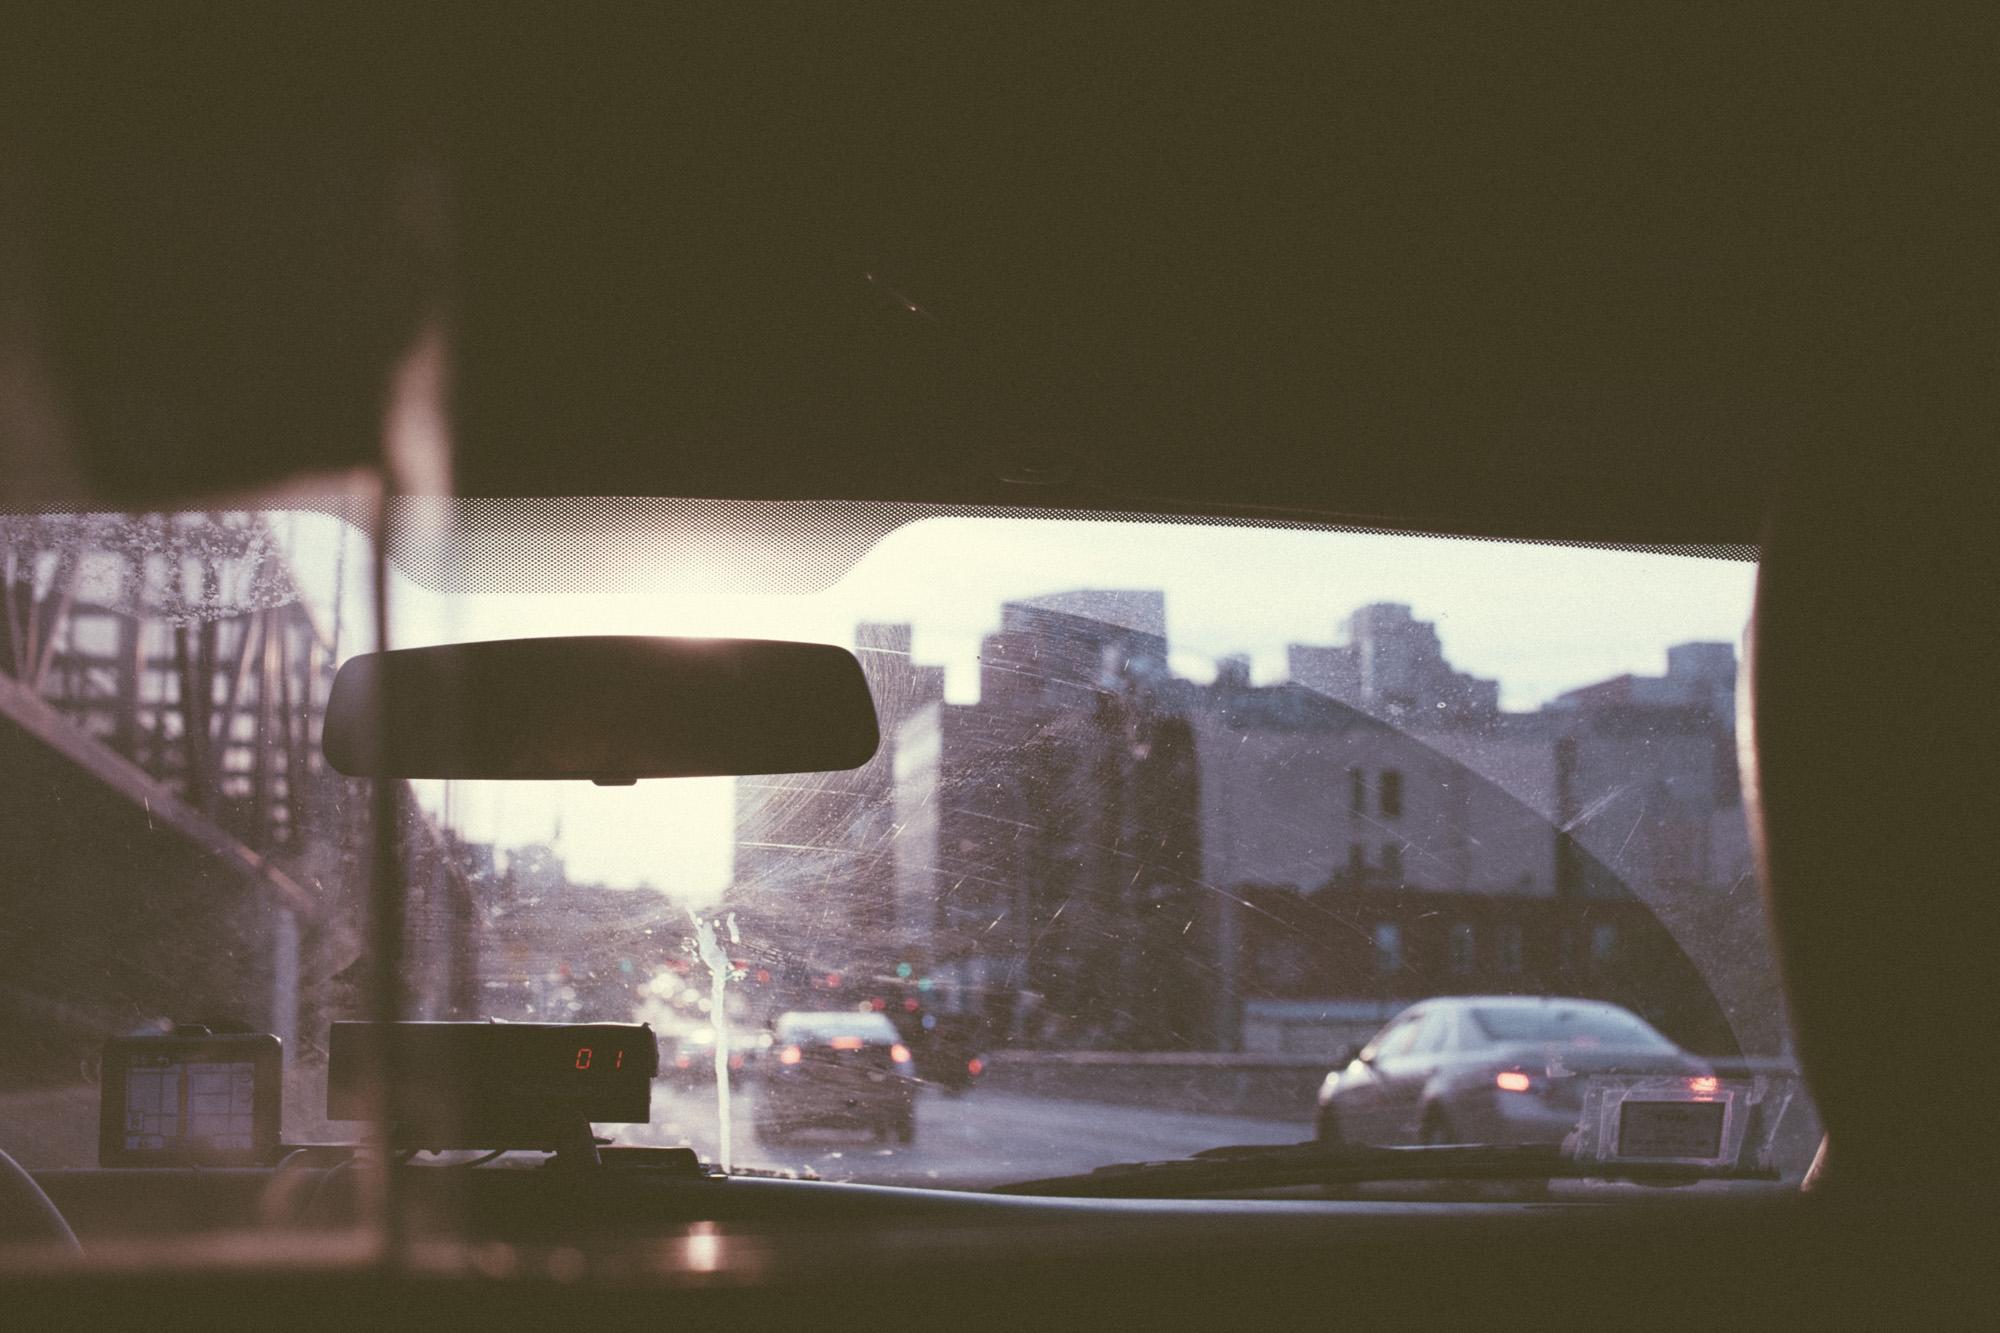 kyrani-kanavaros-new-york-photography-61.jpg